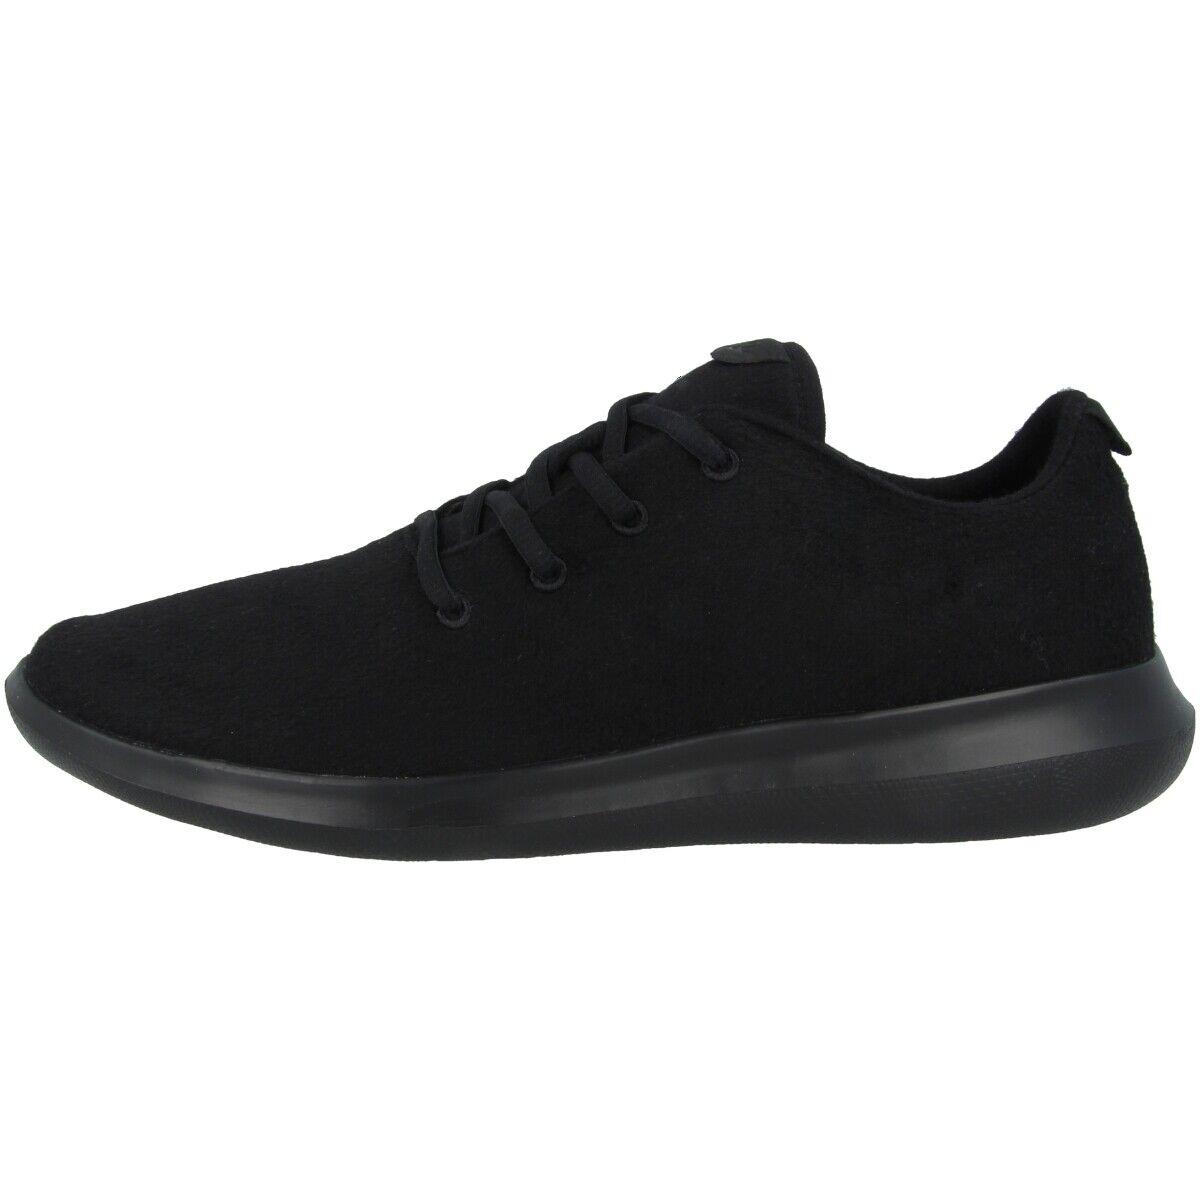 Chung Shi Duflerino chaussures Lacets pour Homme Sports et Loisirs Baskets noir